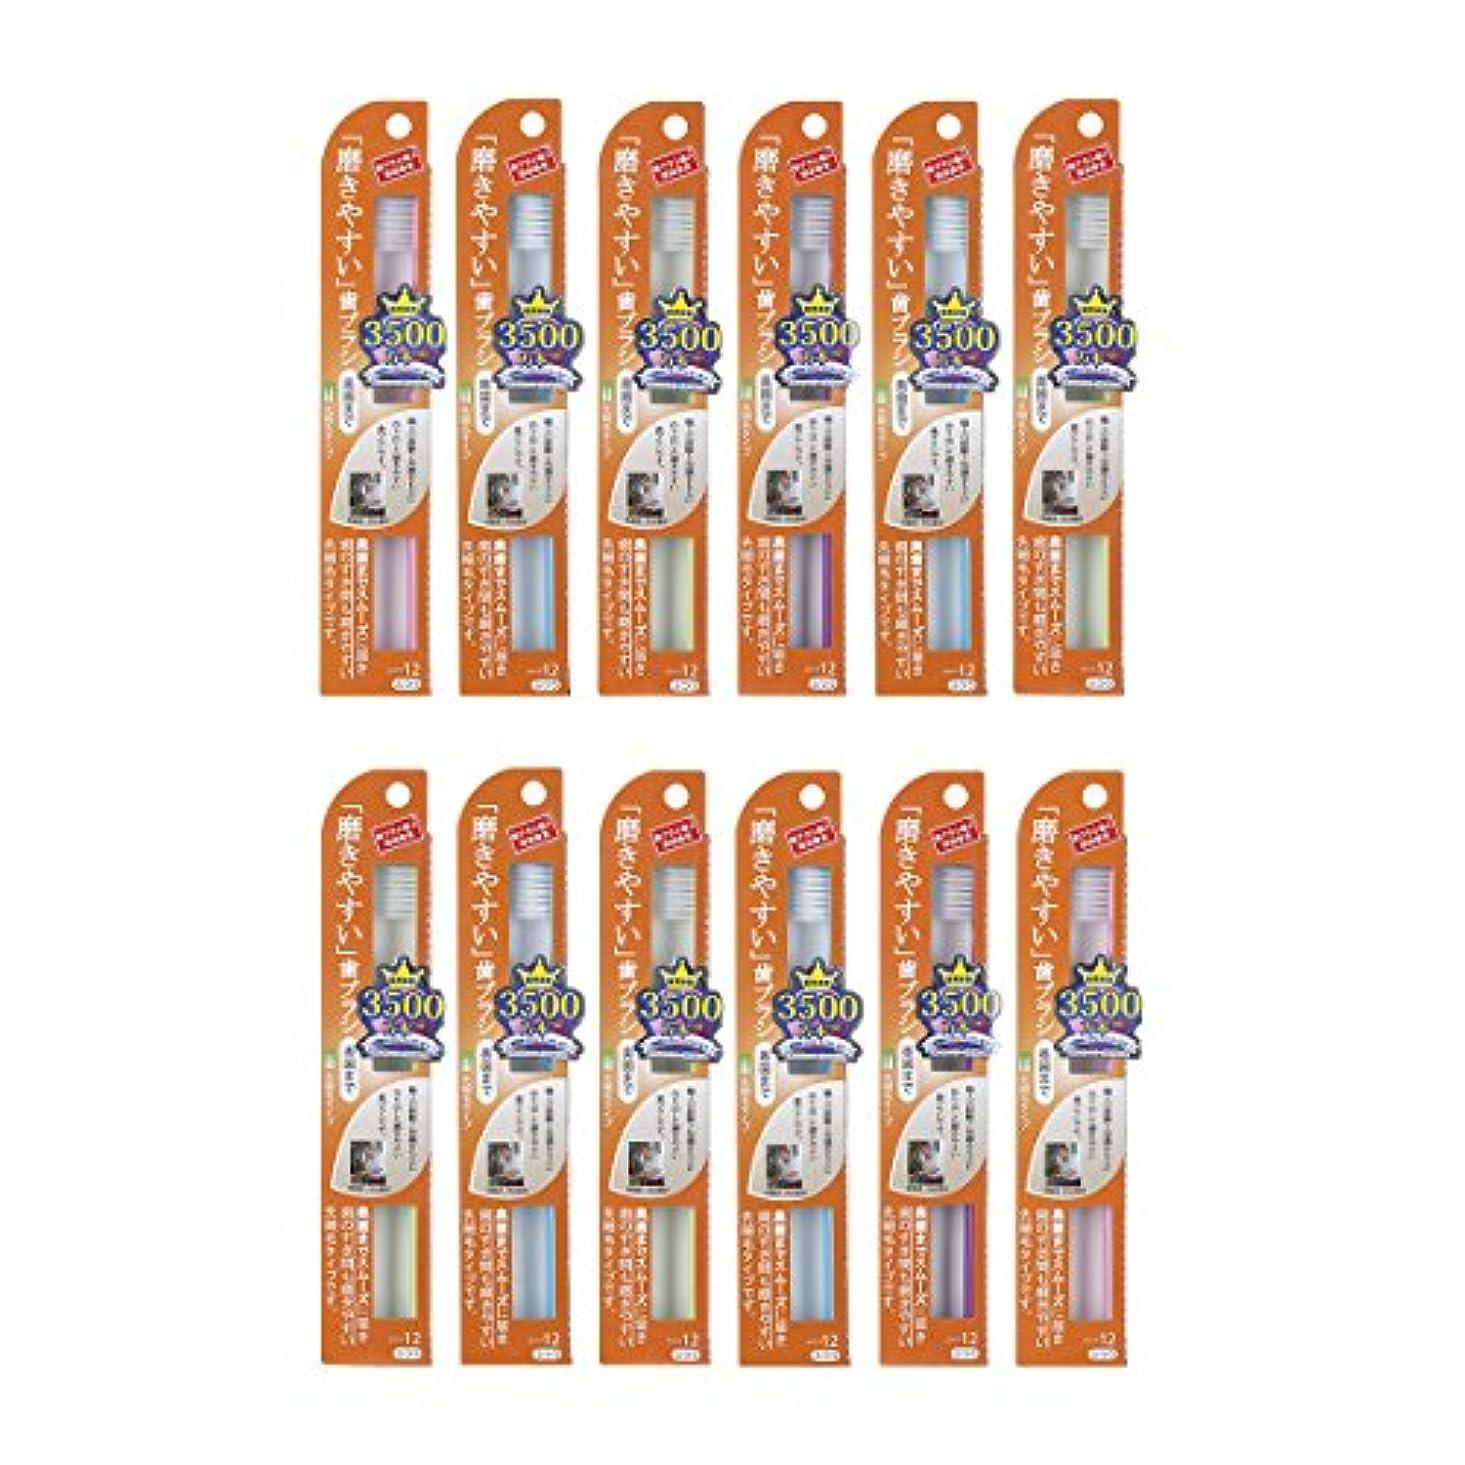 サラダ見かけ上バングラデシュ歯ブラシ職人Artooth ®田辺重吉 日本製 磨きやすい歯ブラシ(奥歯まで)先細毛タイプ LT-12 (12本パック)